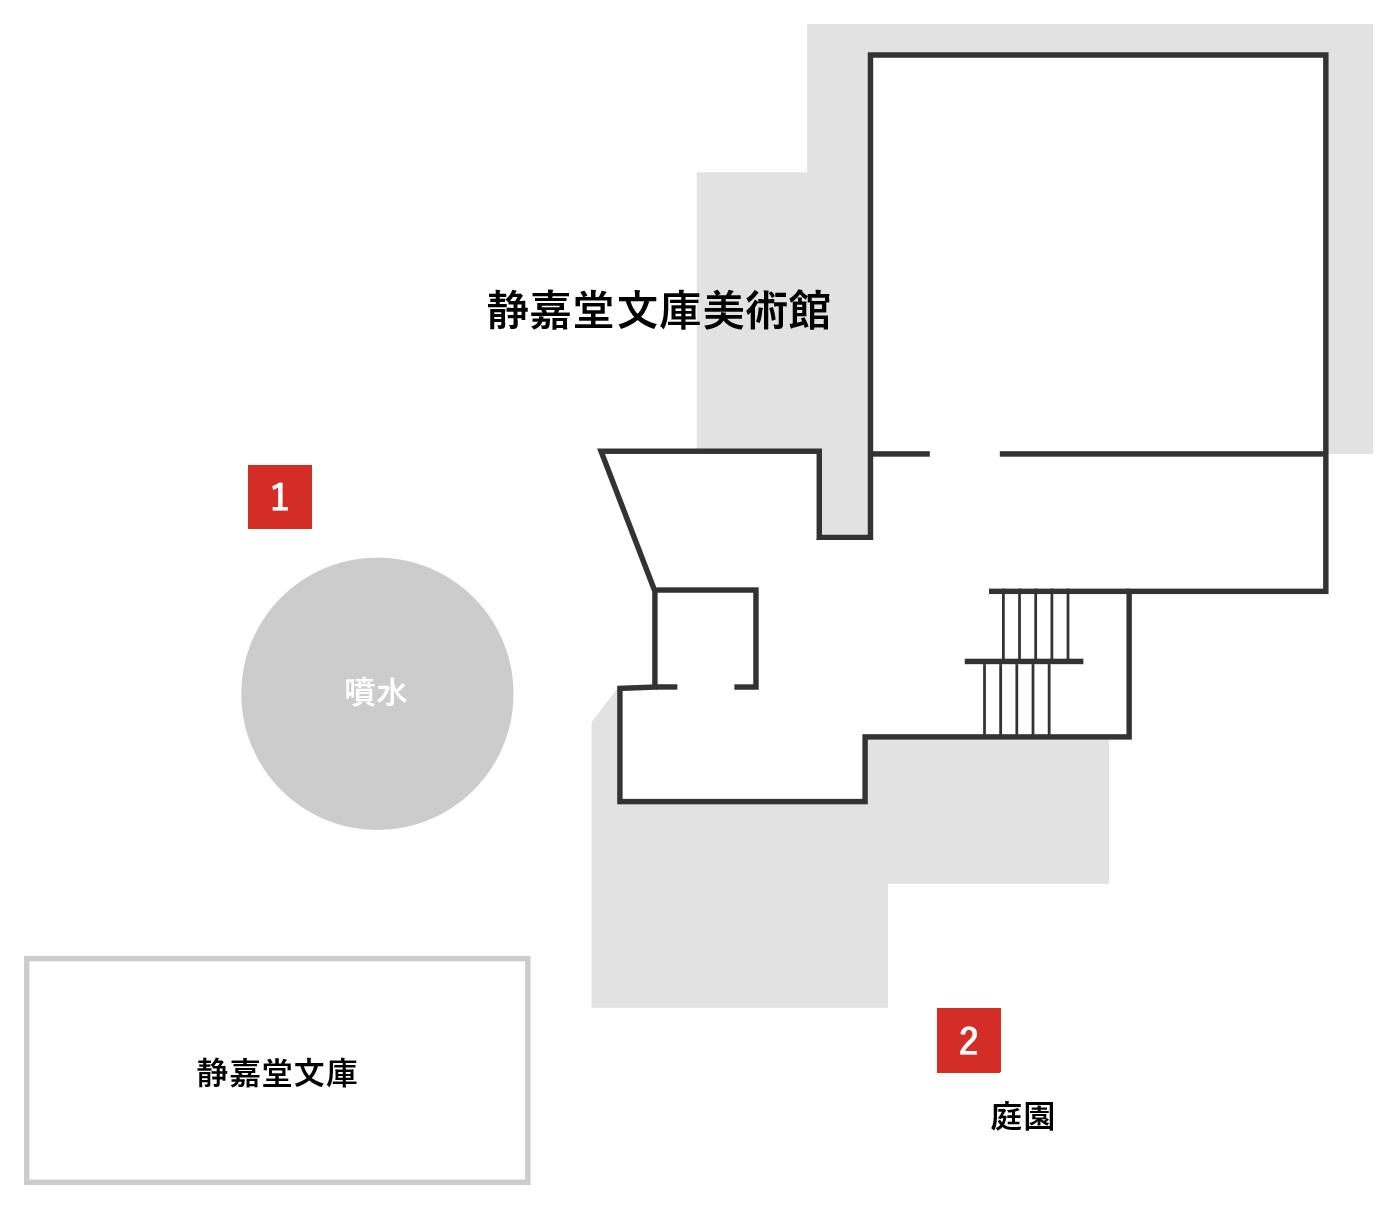 文庫 静 嘉 堂